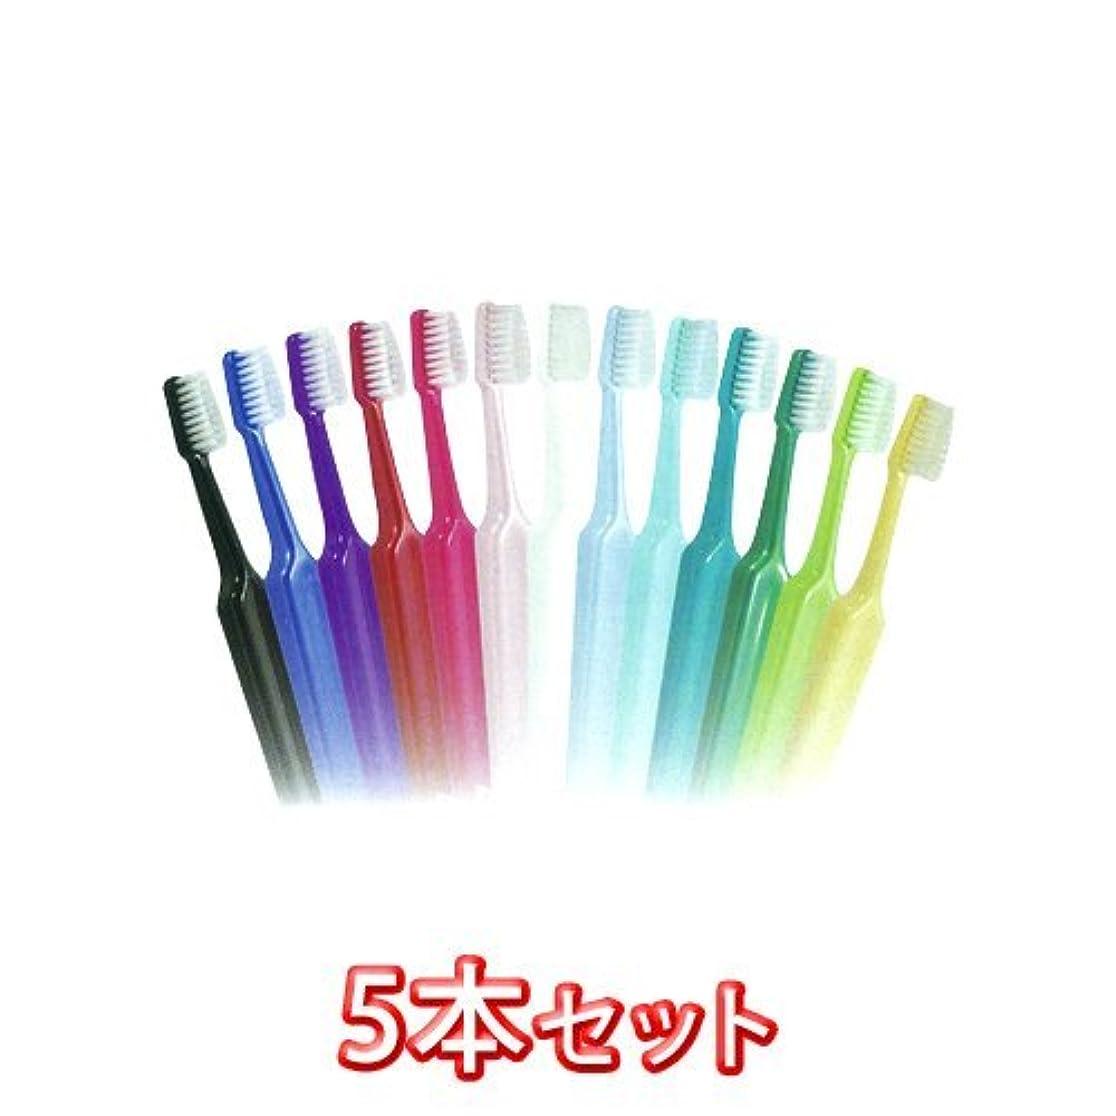 クロスフィールド TePe テペ セレクト 歯ブラシ 5本 (ソフト)